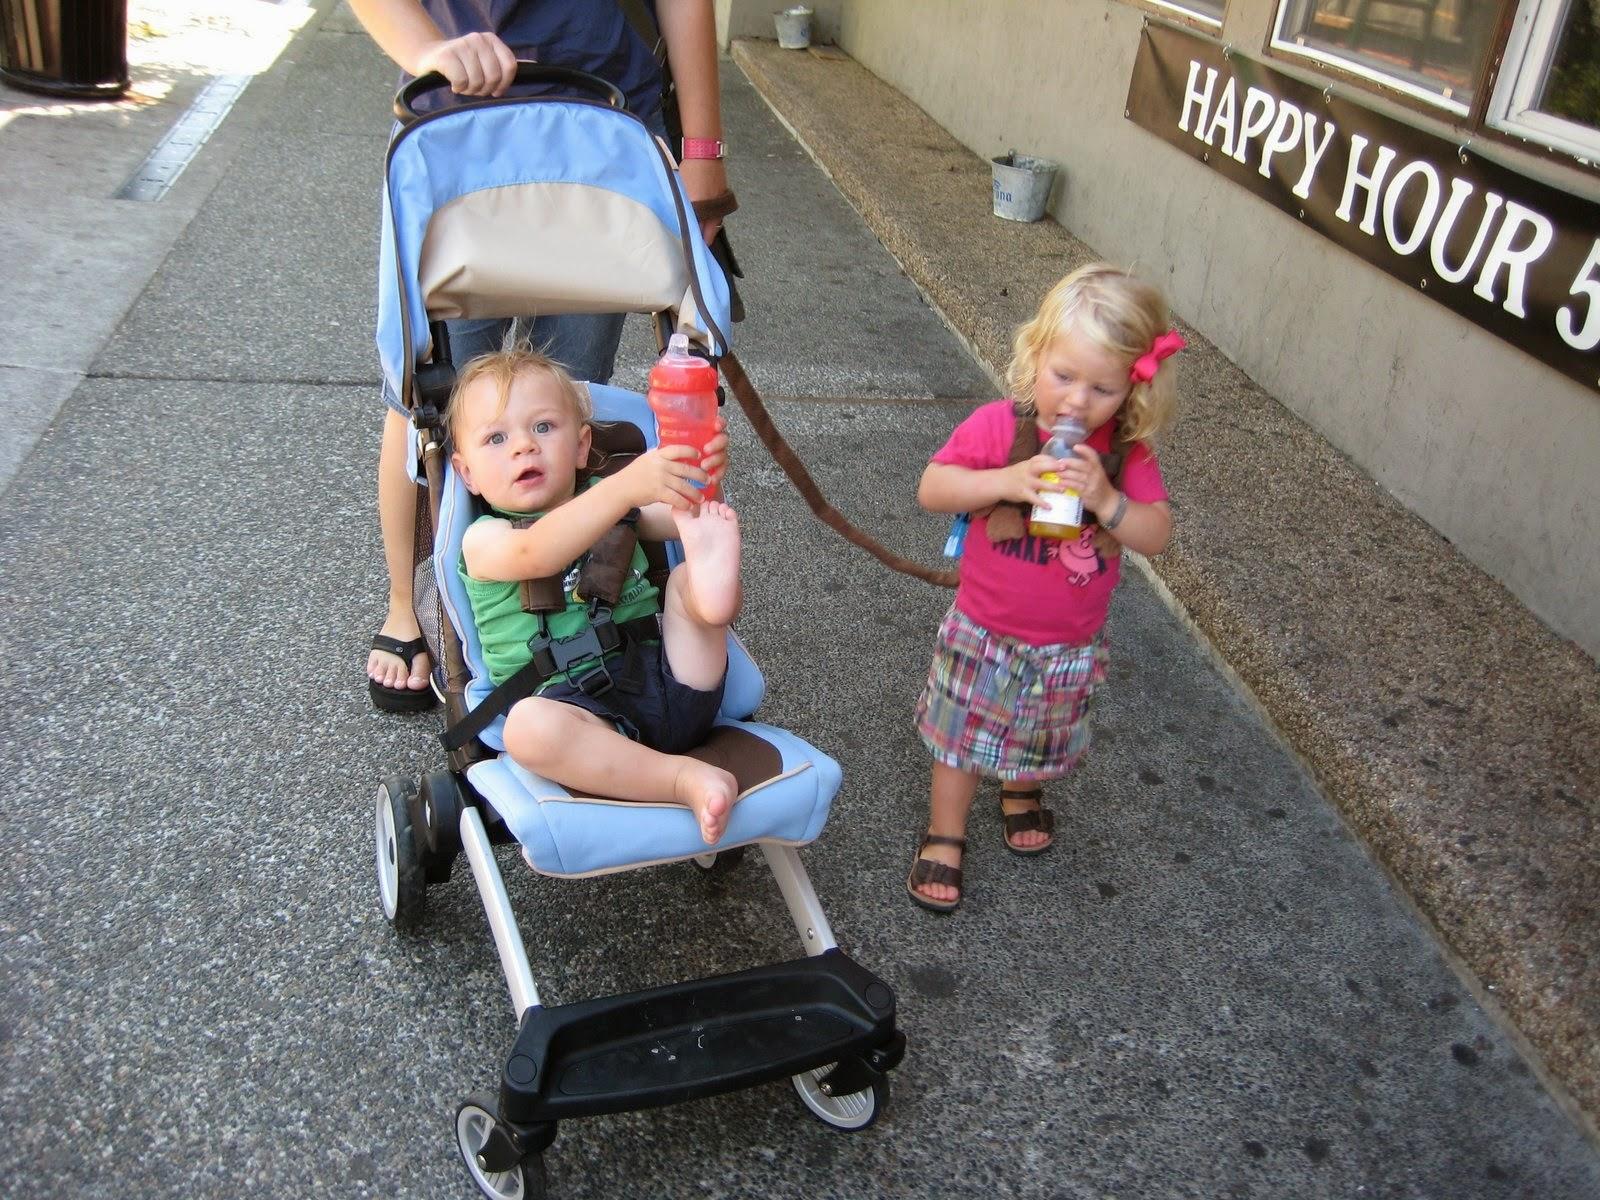 dziecko na smyczy, prowadzenie dziecka na smyczy